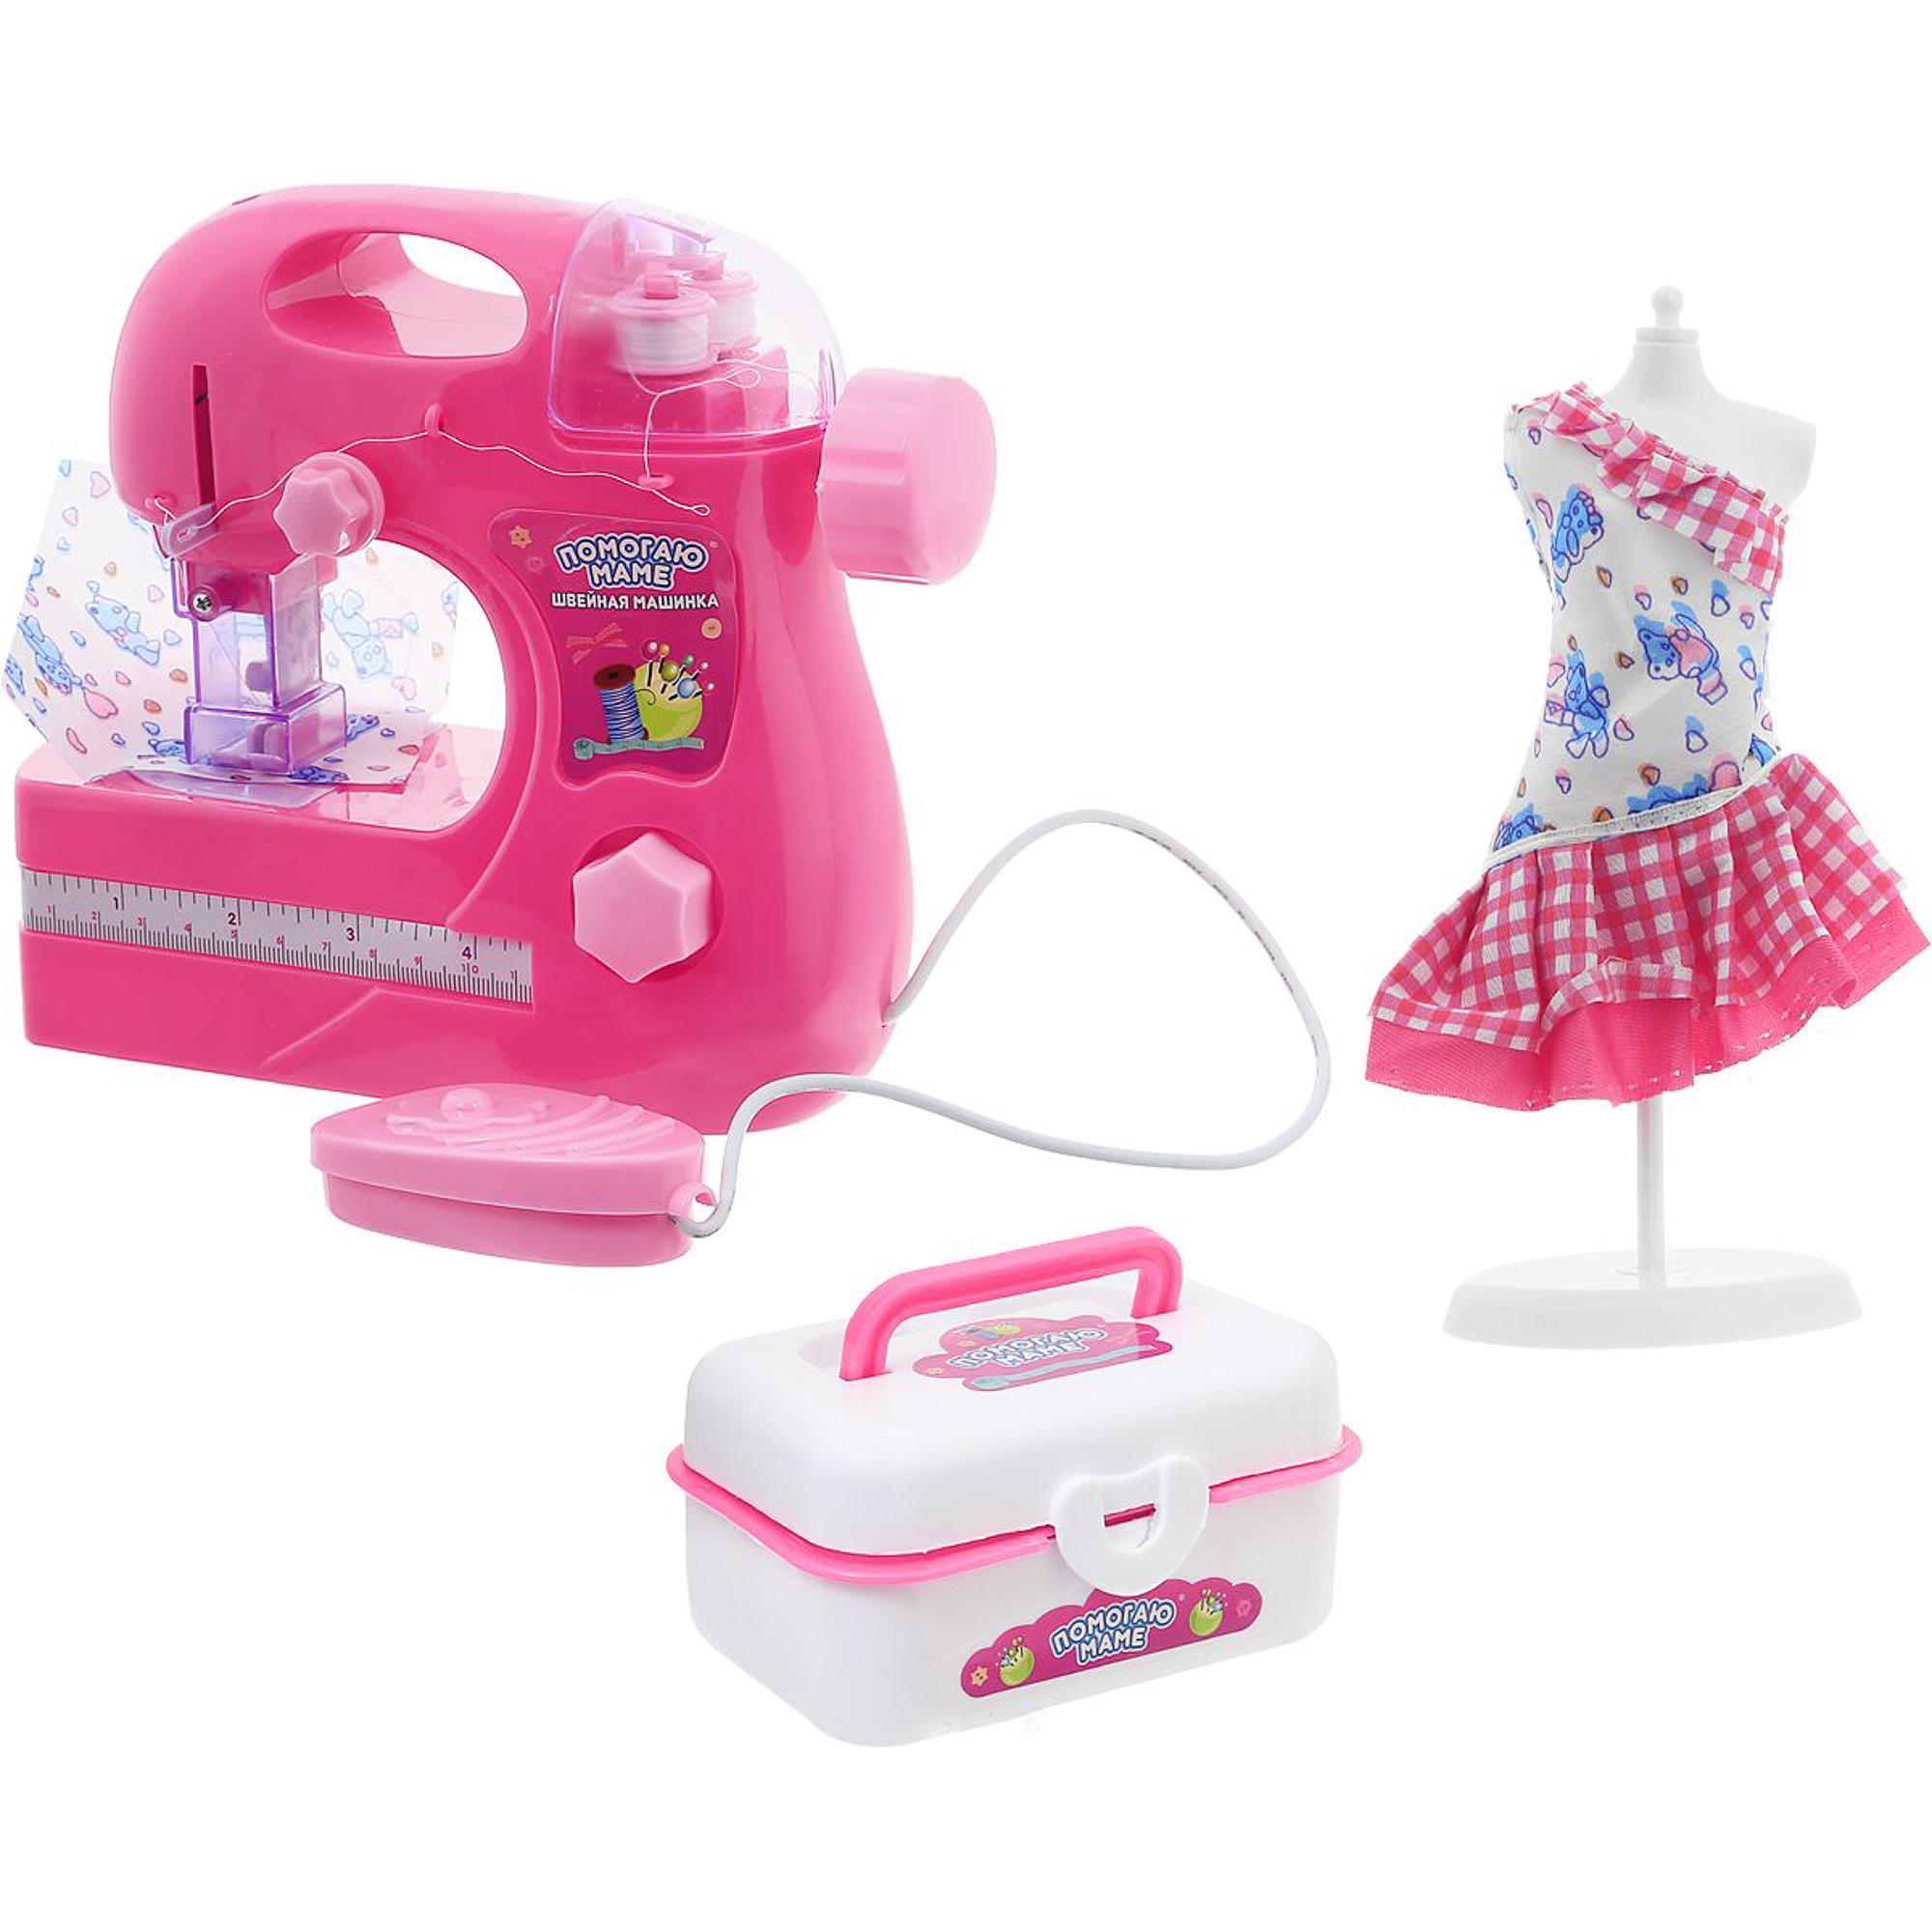 Игровой набор ABtoys Помогаю маме Швейная машинка PT-00545 фото